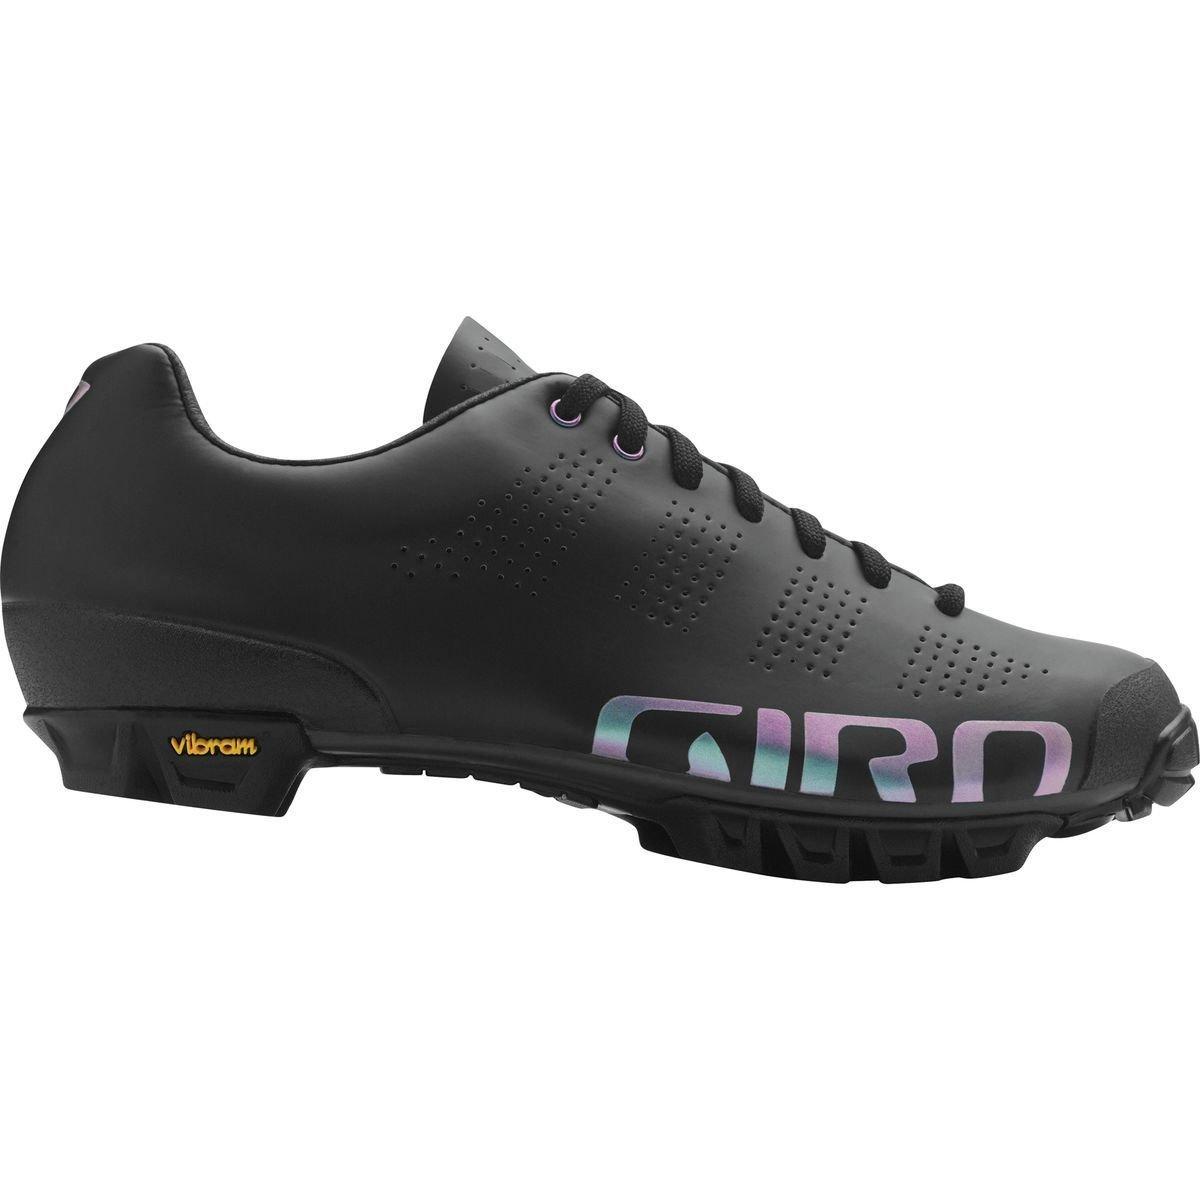 [ジロ Giro] レディース スポーツ サイクリング Empire W VR90 Shoe [並行輸入品] B07FN9JRQF 41